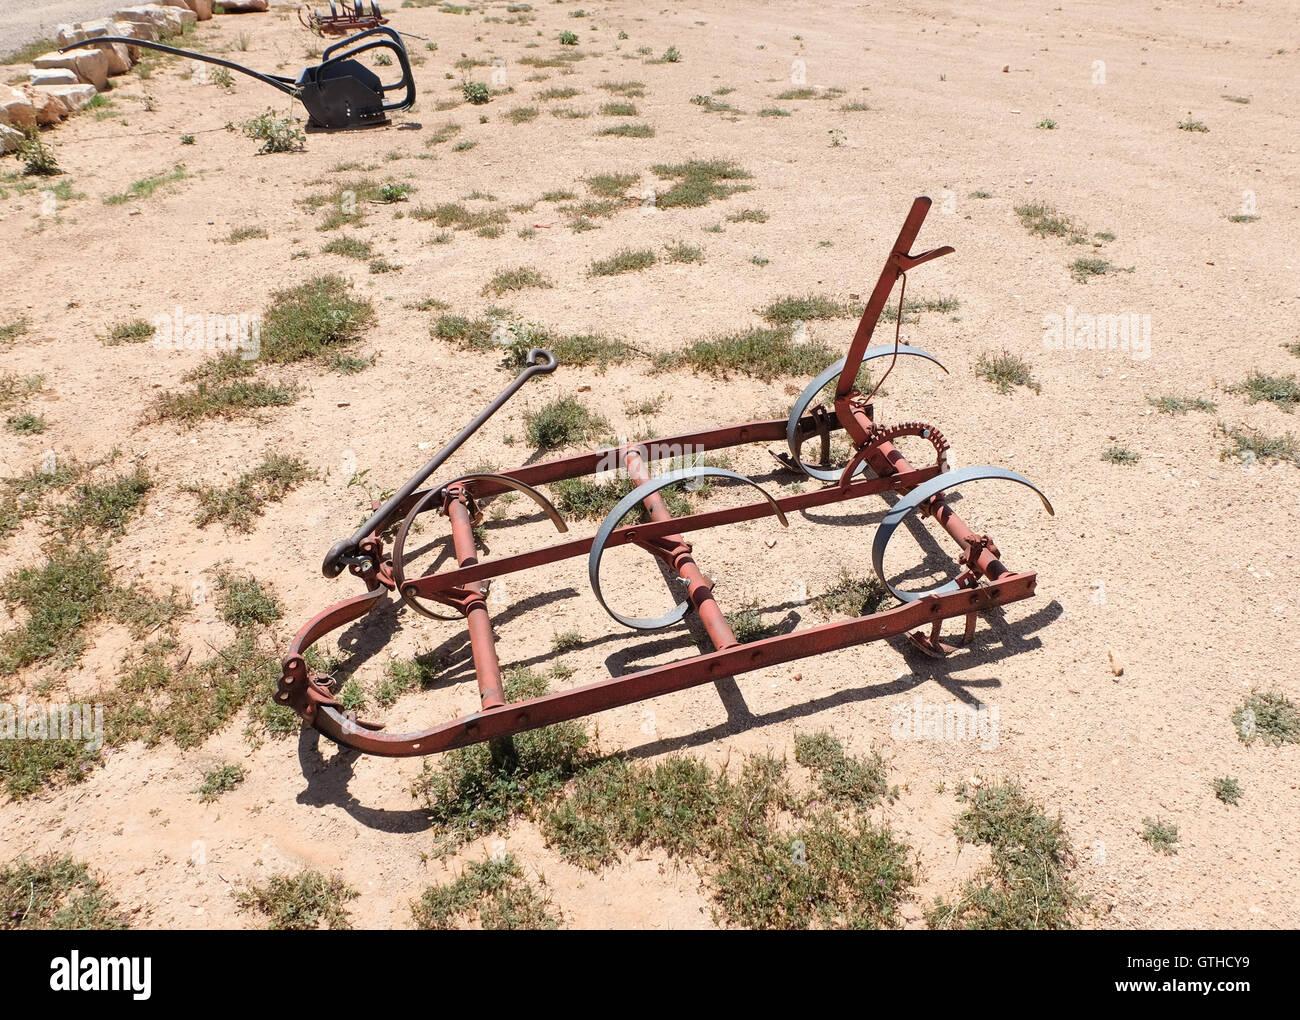 Plow on a groung at Hualapai Ranch at Grand Canyon, Arizona, USA - Stock Image